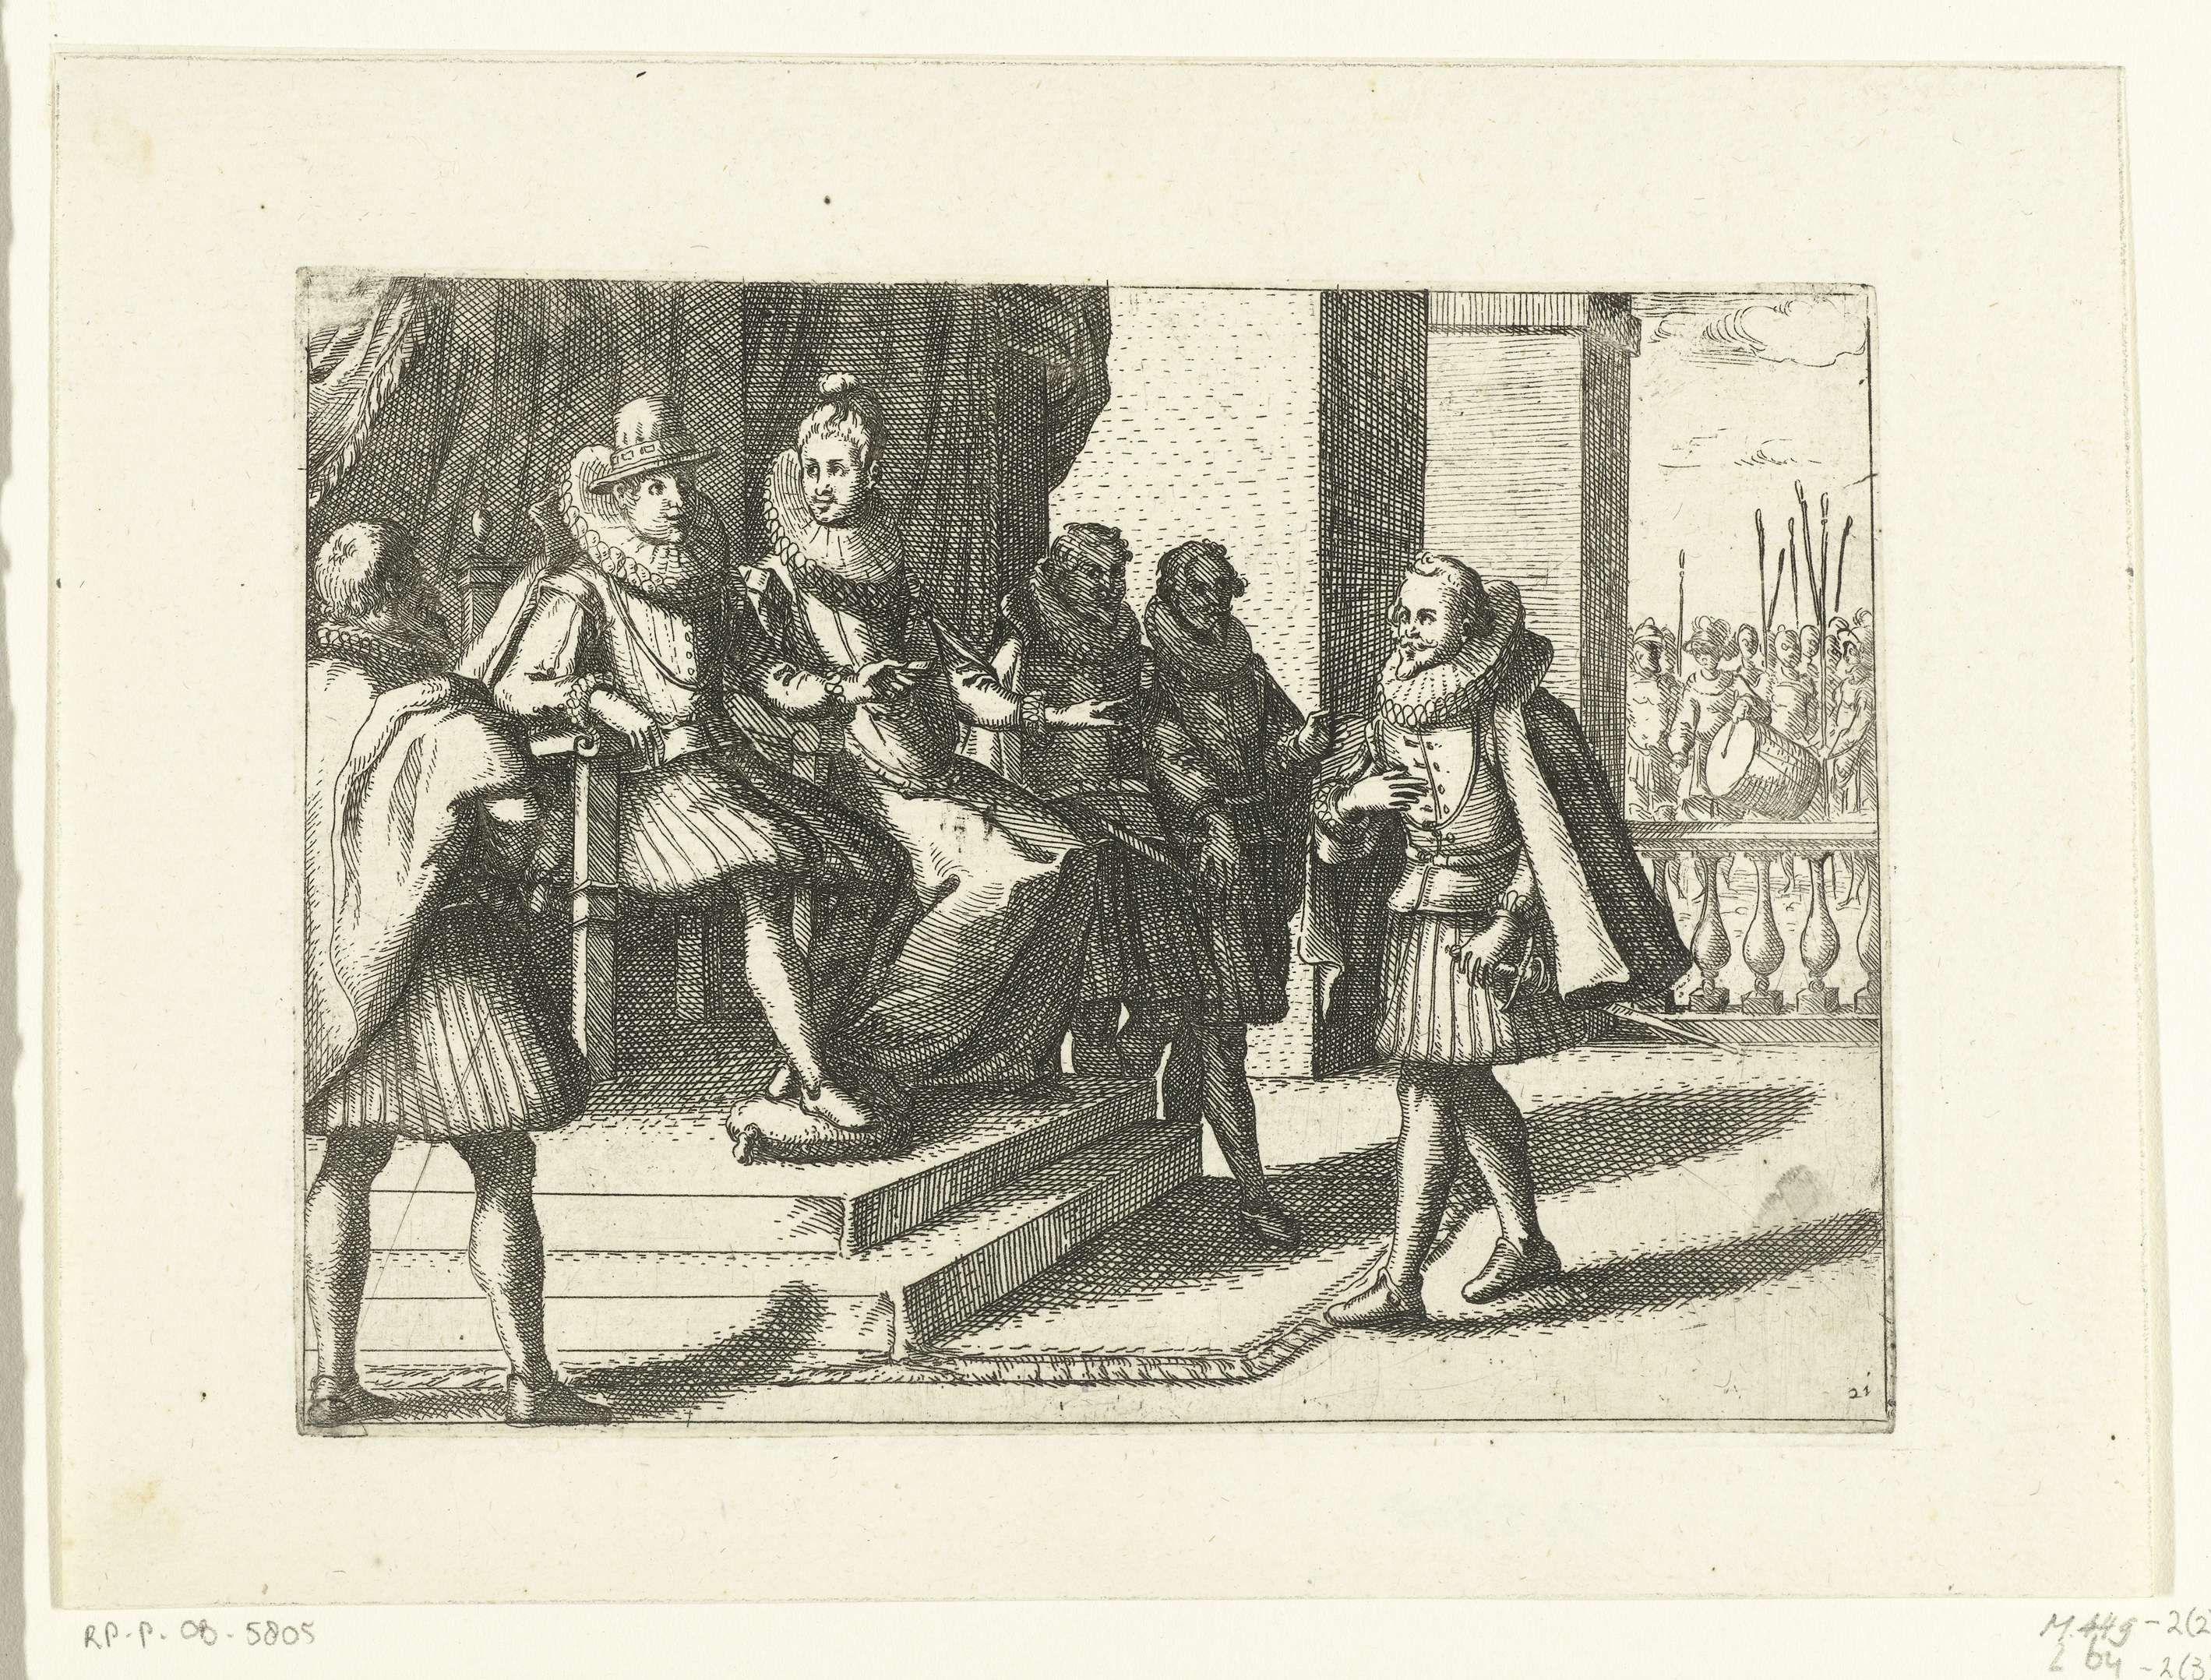 Jacques Callot   Filips III geeft op advies van Margaretha van Oostenrijk militaire hulp aan Hongarije tegen de Turken, Jacques Callot, 1612   Filips III en Margaretha van Oostenrijk spreken, gezeten op een verhoging, met een heer. Rechts op de achtergrond zijn soldaten zichtbaar.